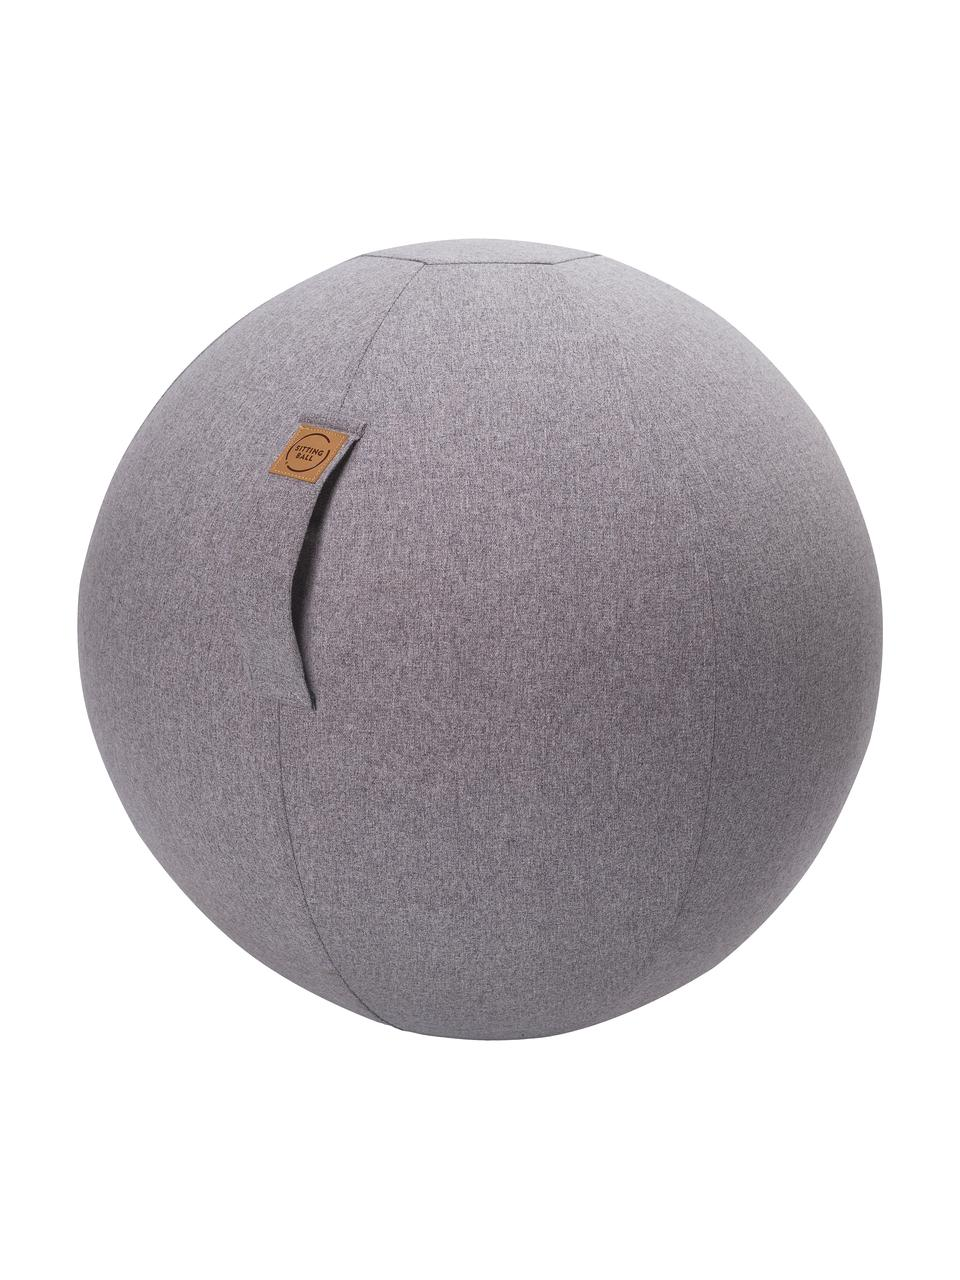 Piłka do siedzenia z rączką Felt, Tapicerka: poliester (imitacja filcu, Jasny szary, Ø 65 cm